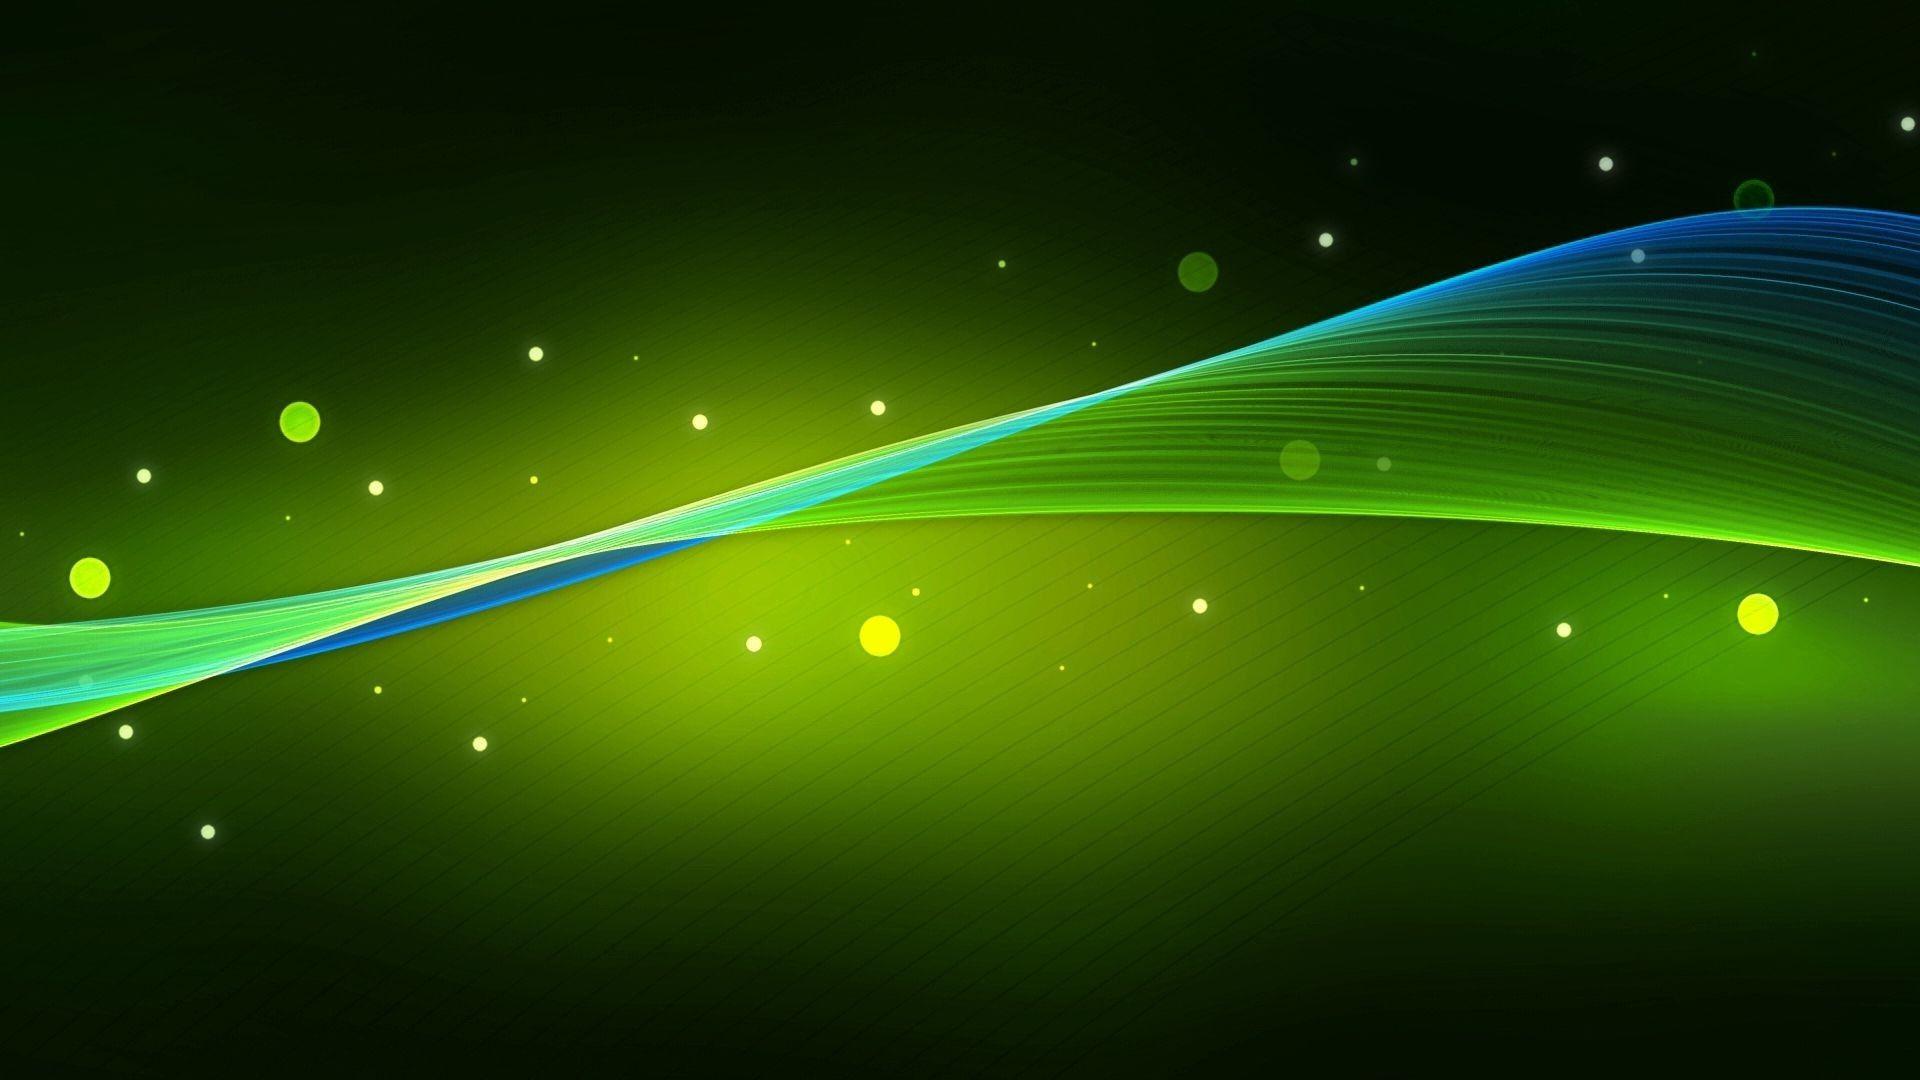 Green Waves Green Wallpaper Green Screen Backgrounds Hd Wallpaper